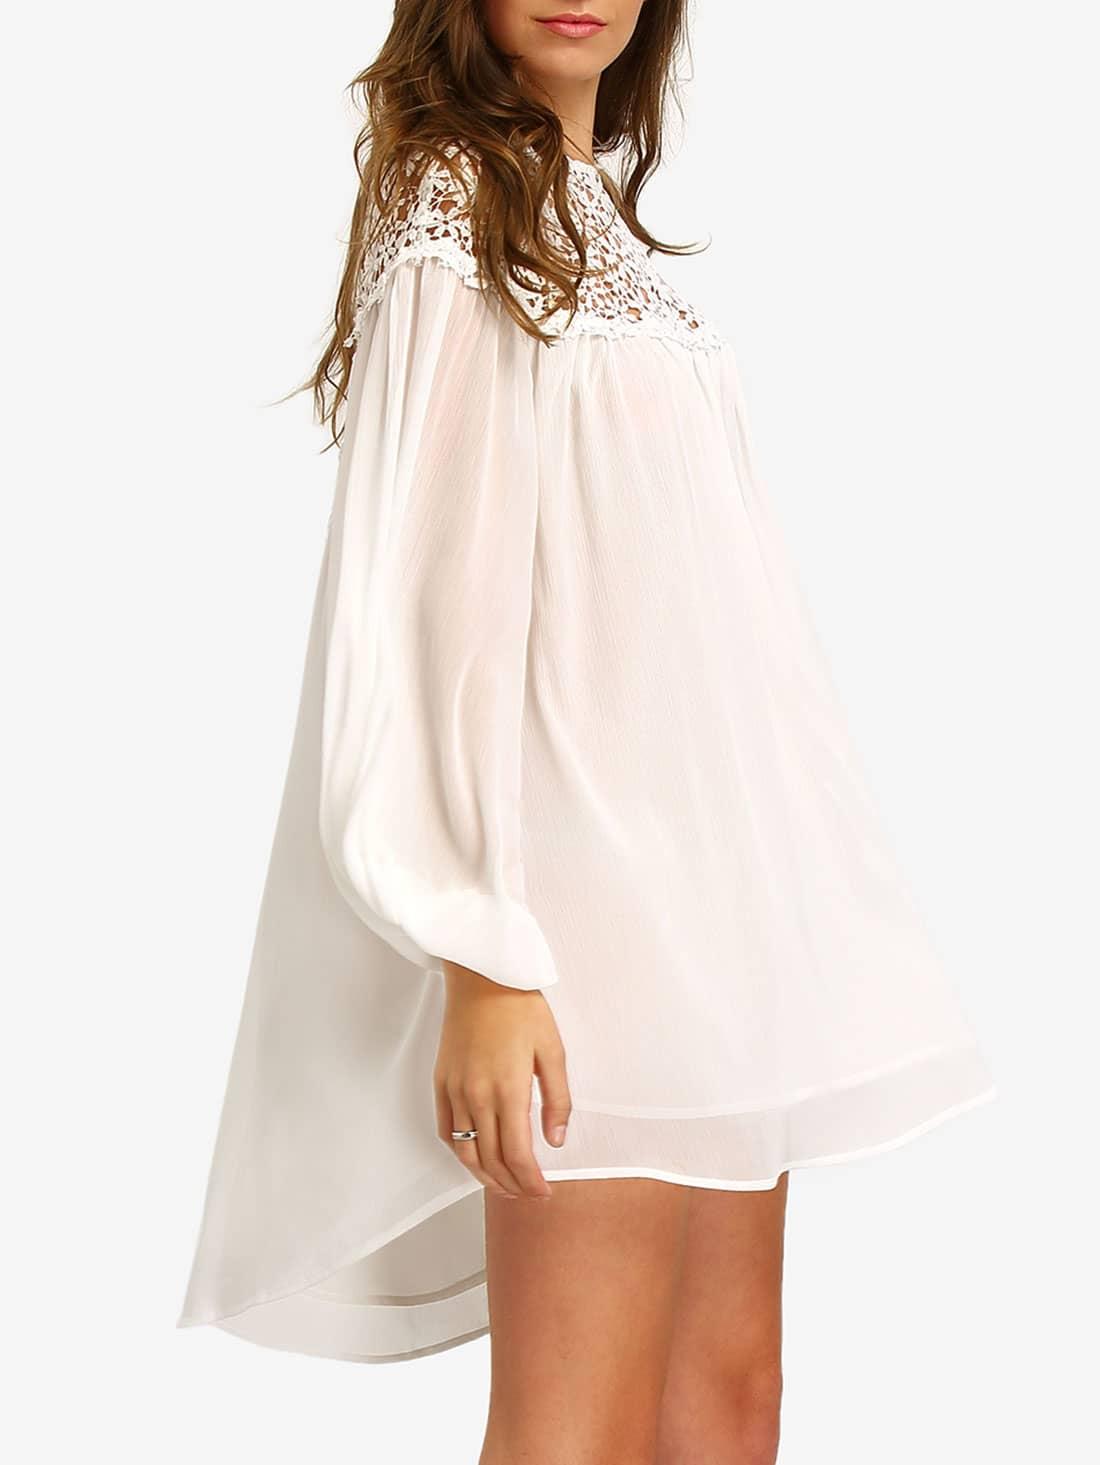 Chiffon Kleid langarm mit Häkeleinsatz -weiß   SHEIN